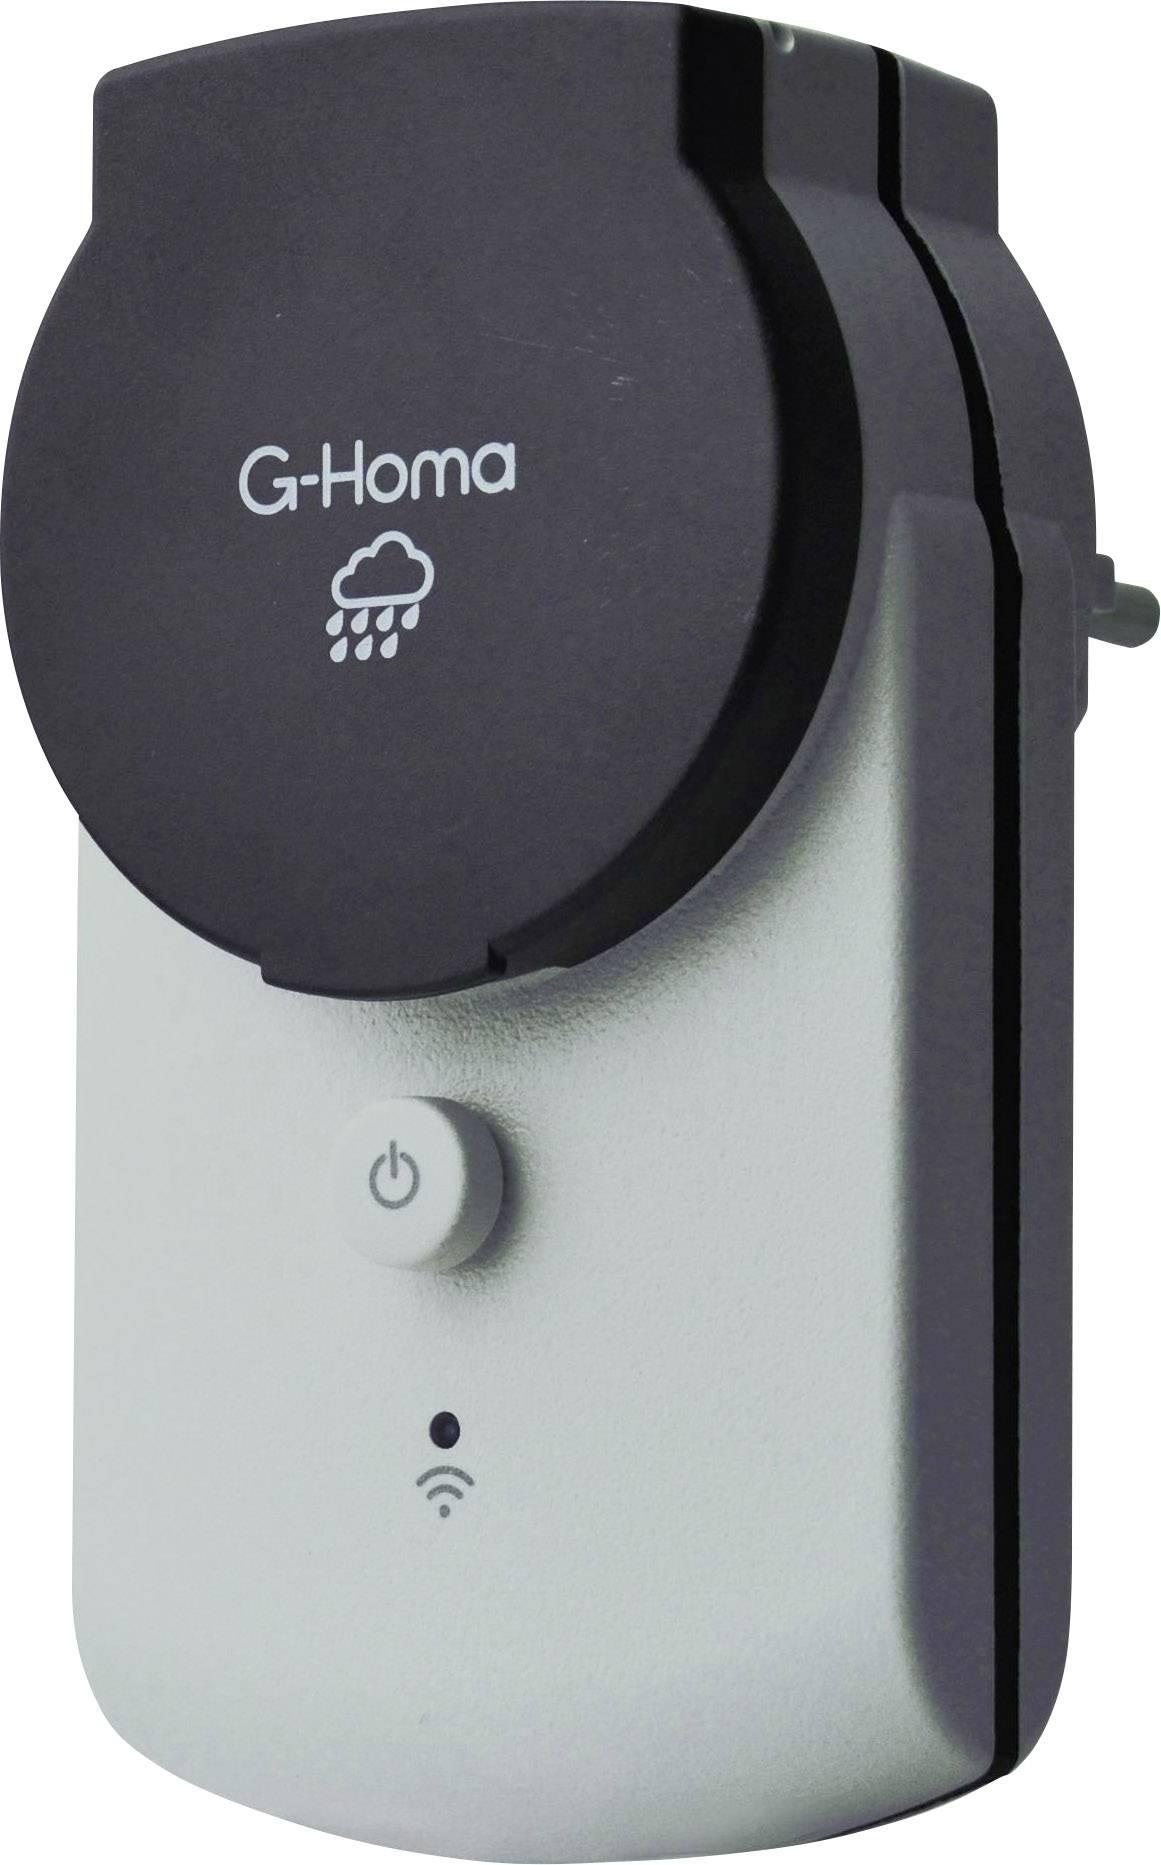 Bezdrôtová spínacia zásuvka vonkajšia G-Homa 7779